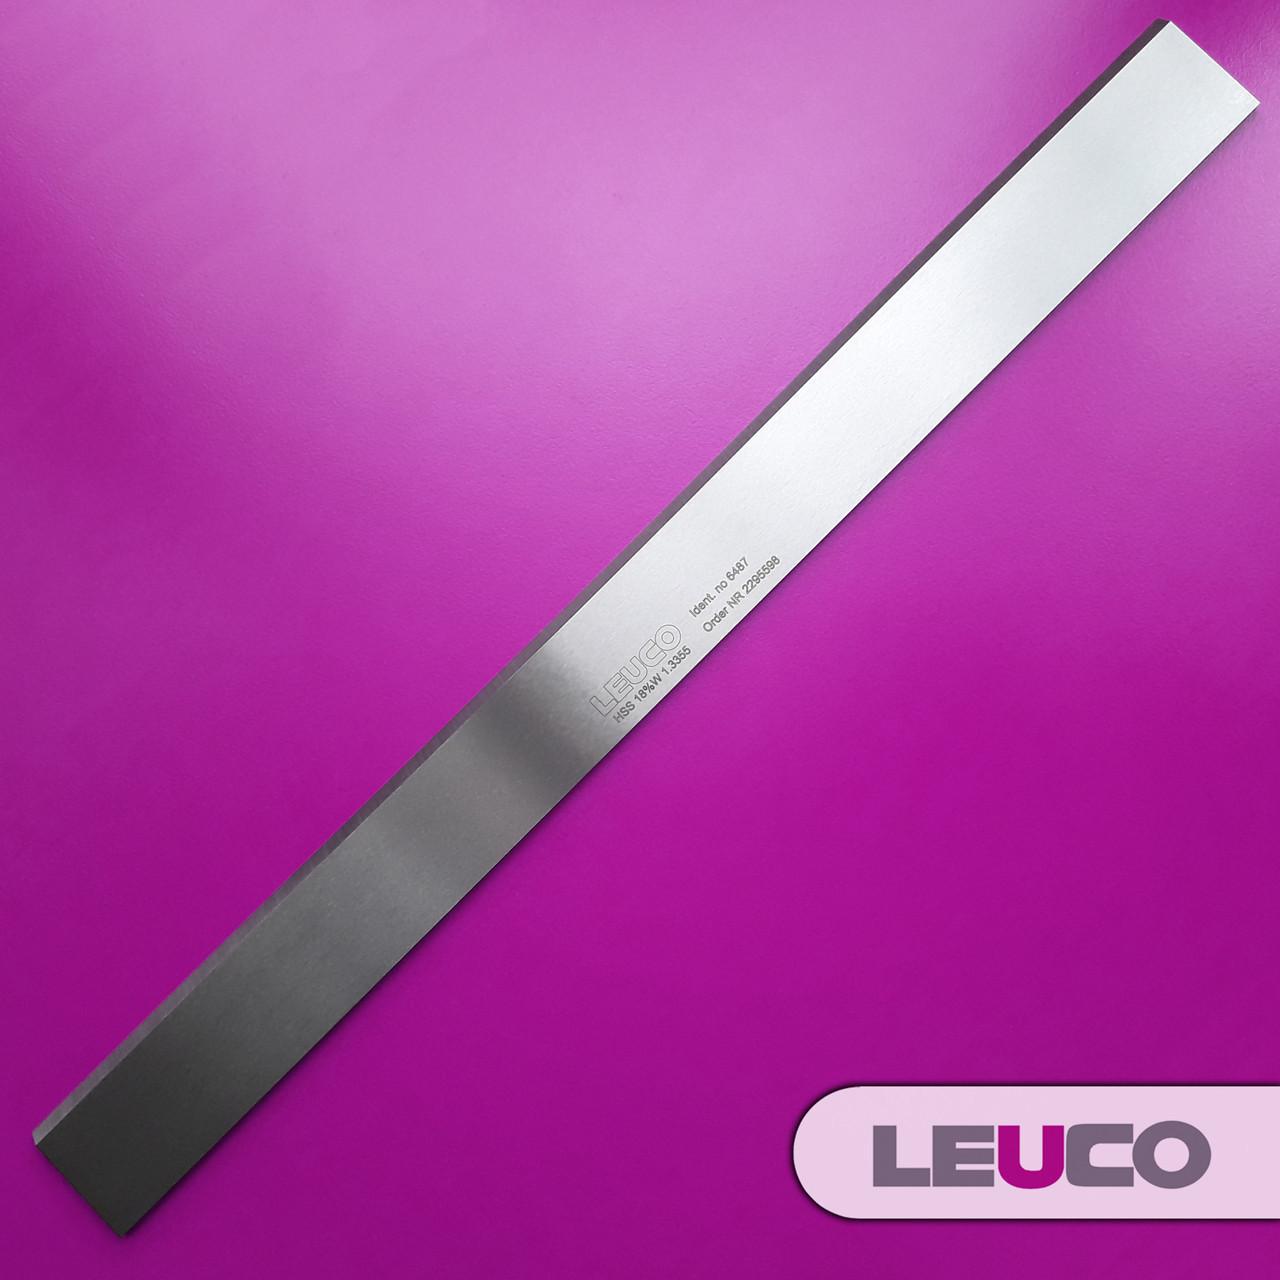 640х35x3 HSS 18% Строгальные (фуговальные) ножи Leuco для фуганков и рейсмусов